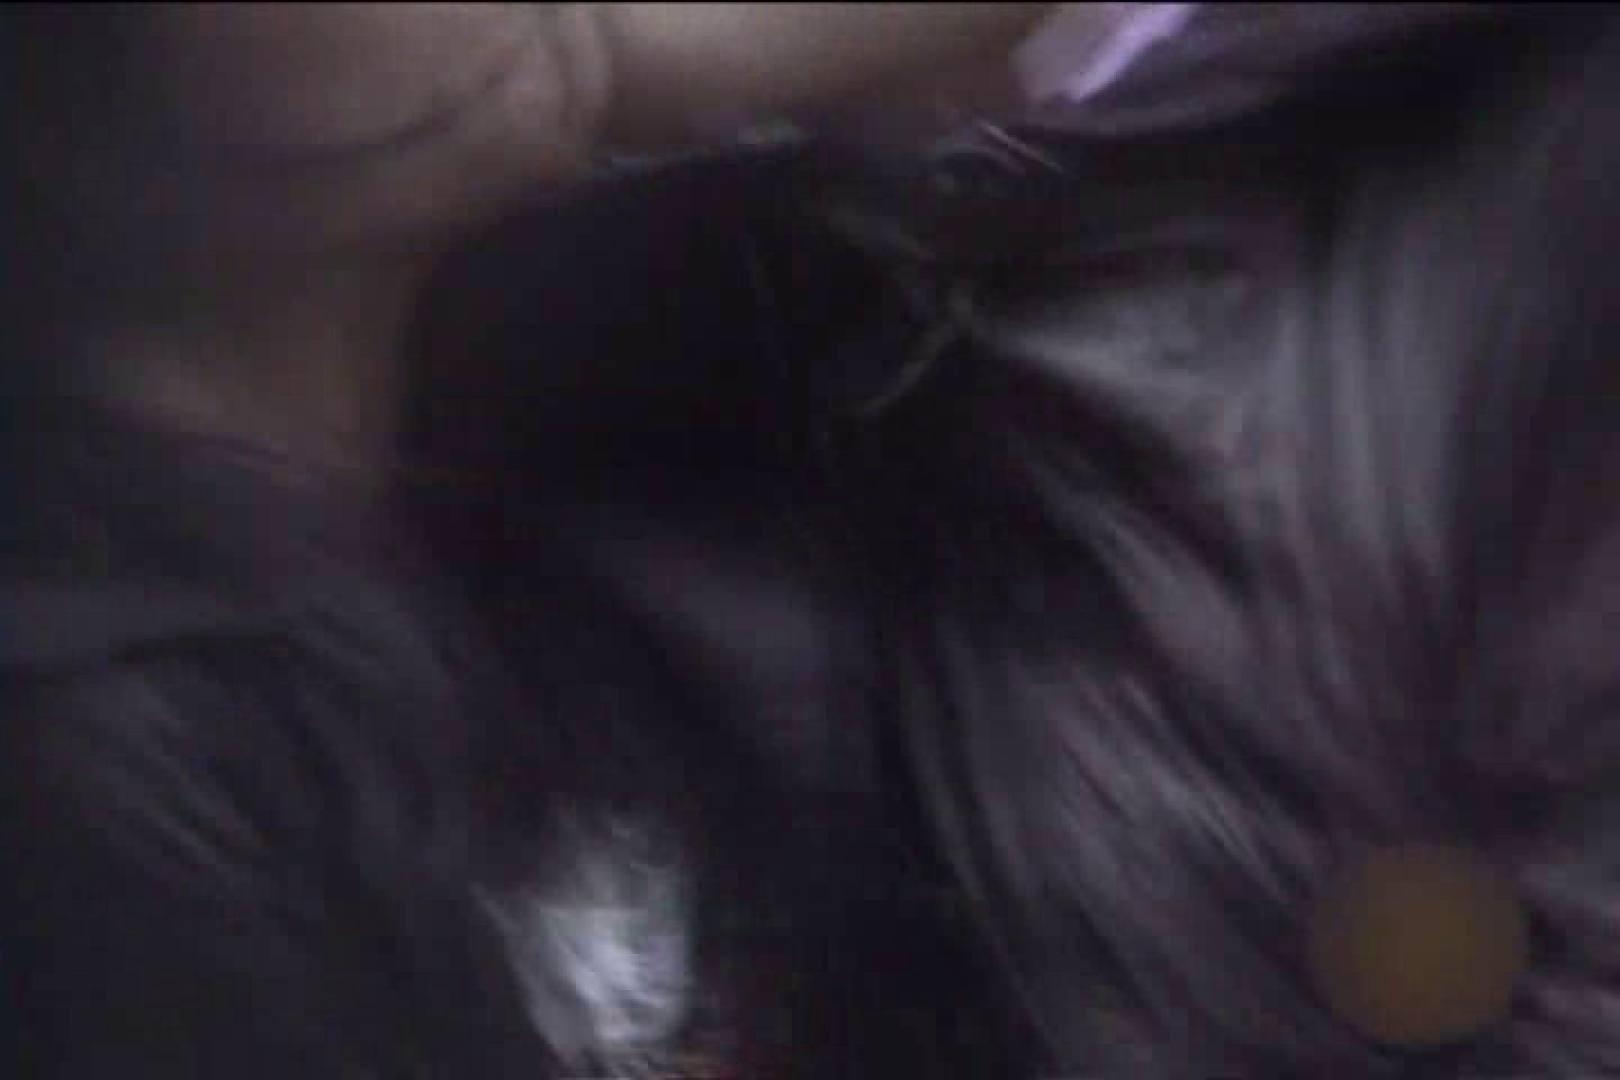 あなたの唇 奪い隊!! vol.1 ギャルのエロ生活 オマンコ動画キャプチャ 78連発 74